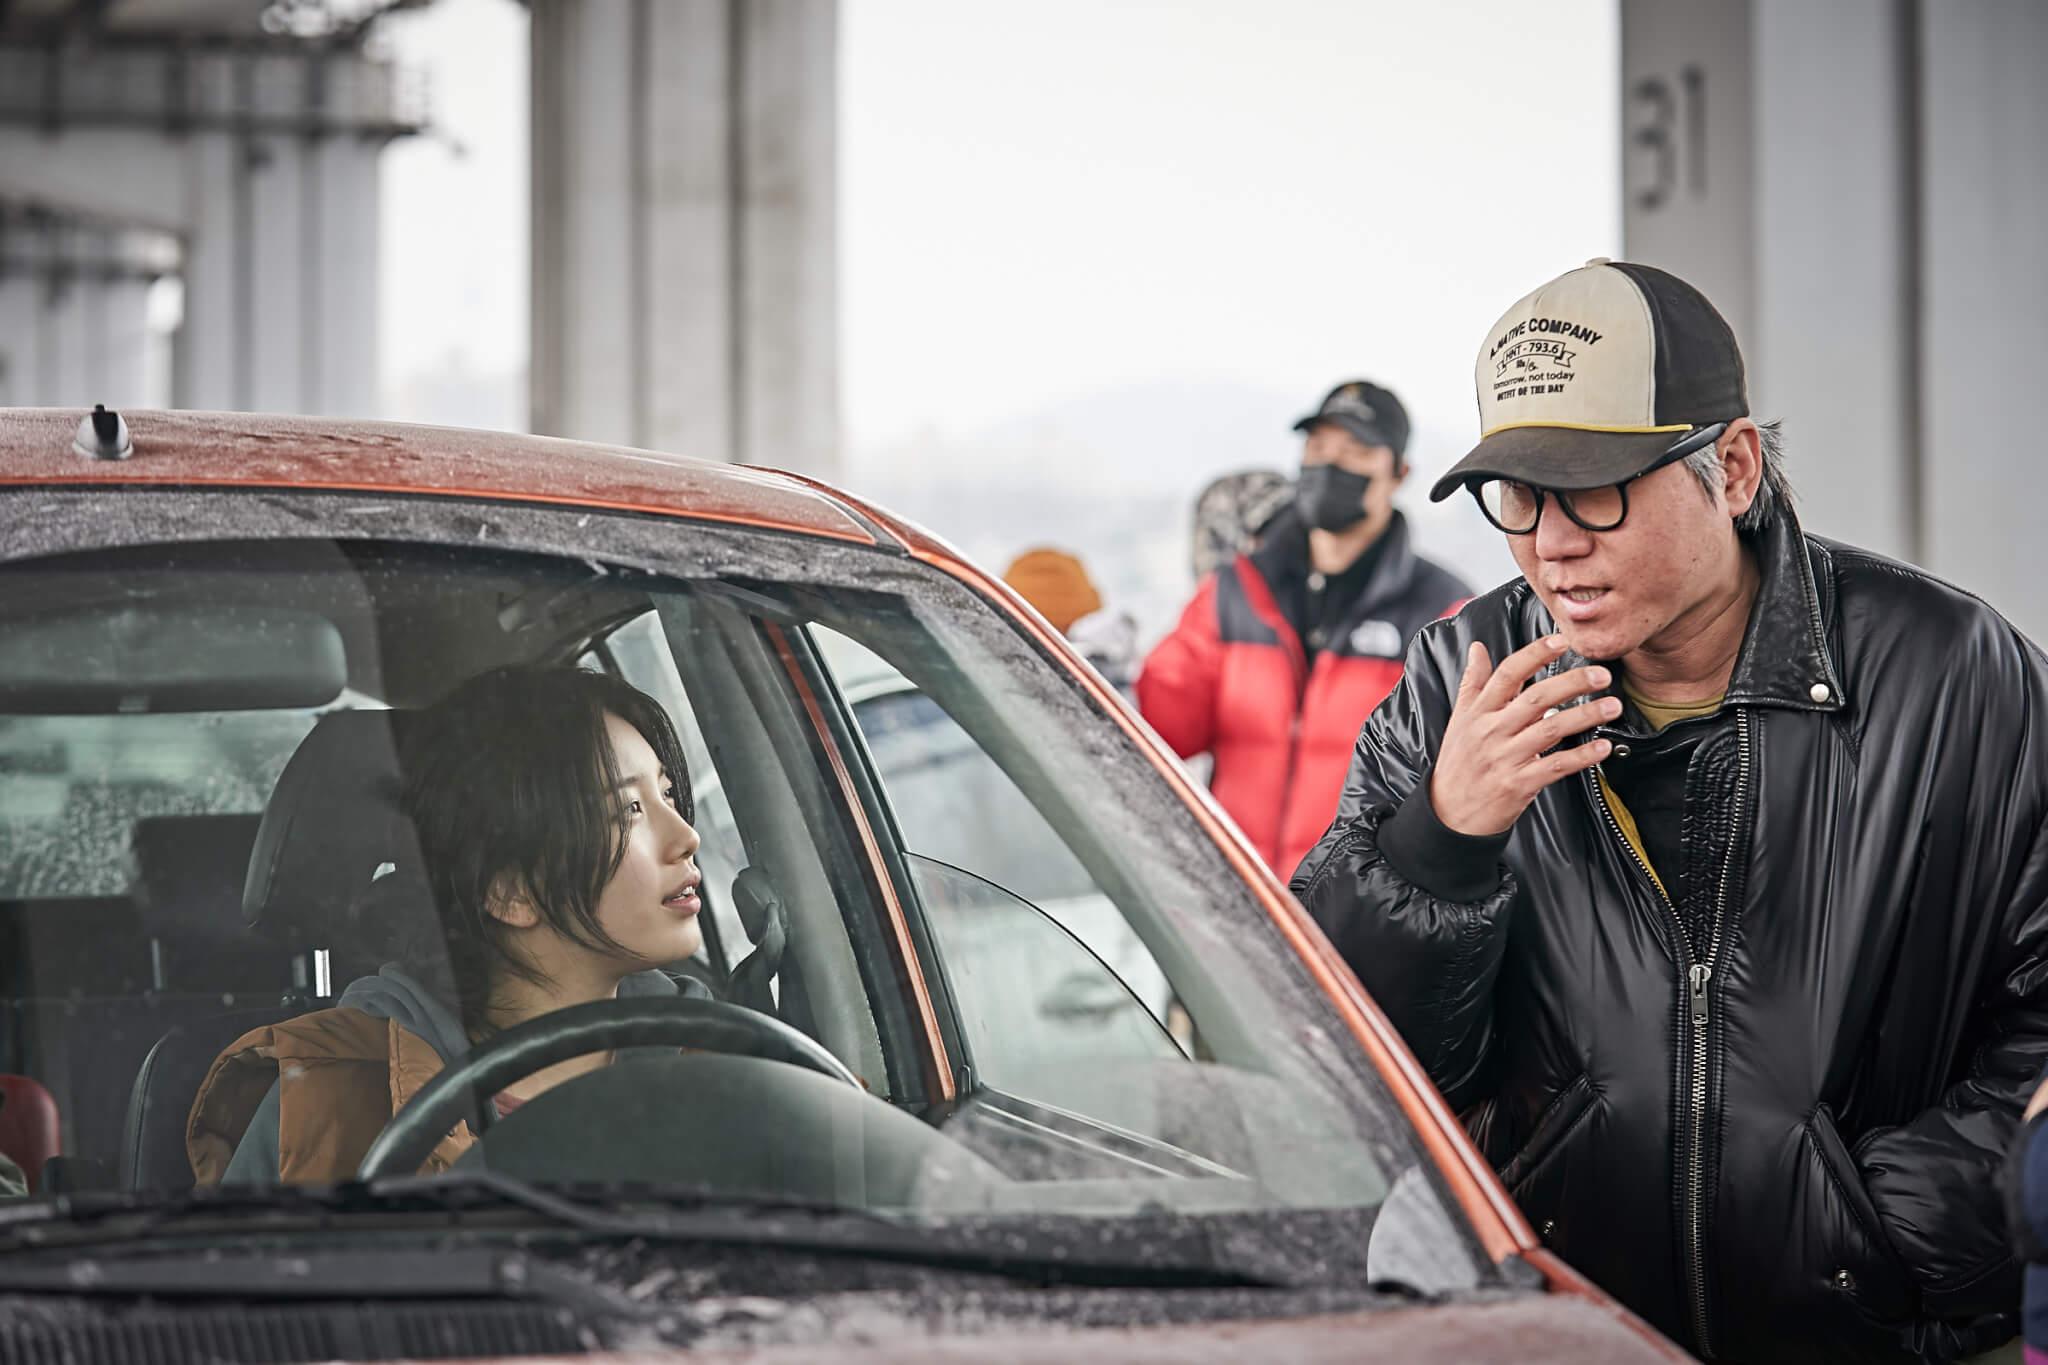 秀智飾演河正宇的大肚老婆,要陀着巨肚不斷走難,又要擔心身在北韓執行任務的老公。